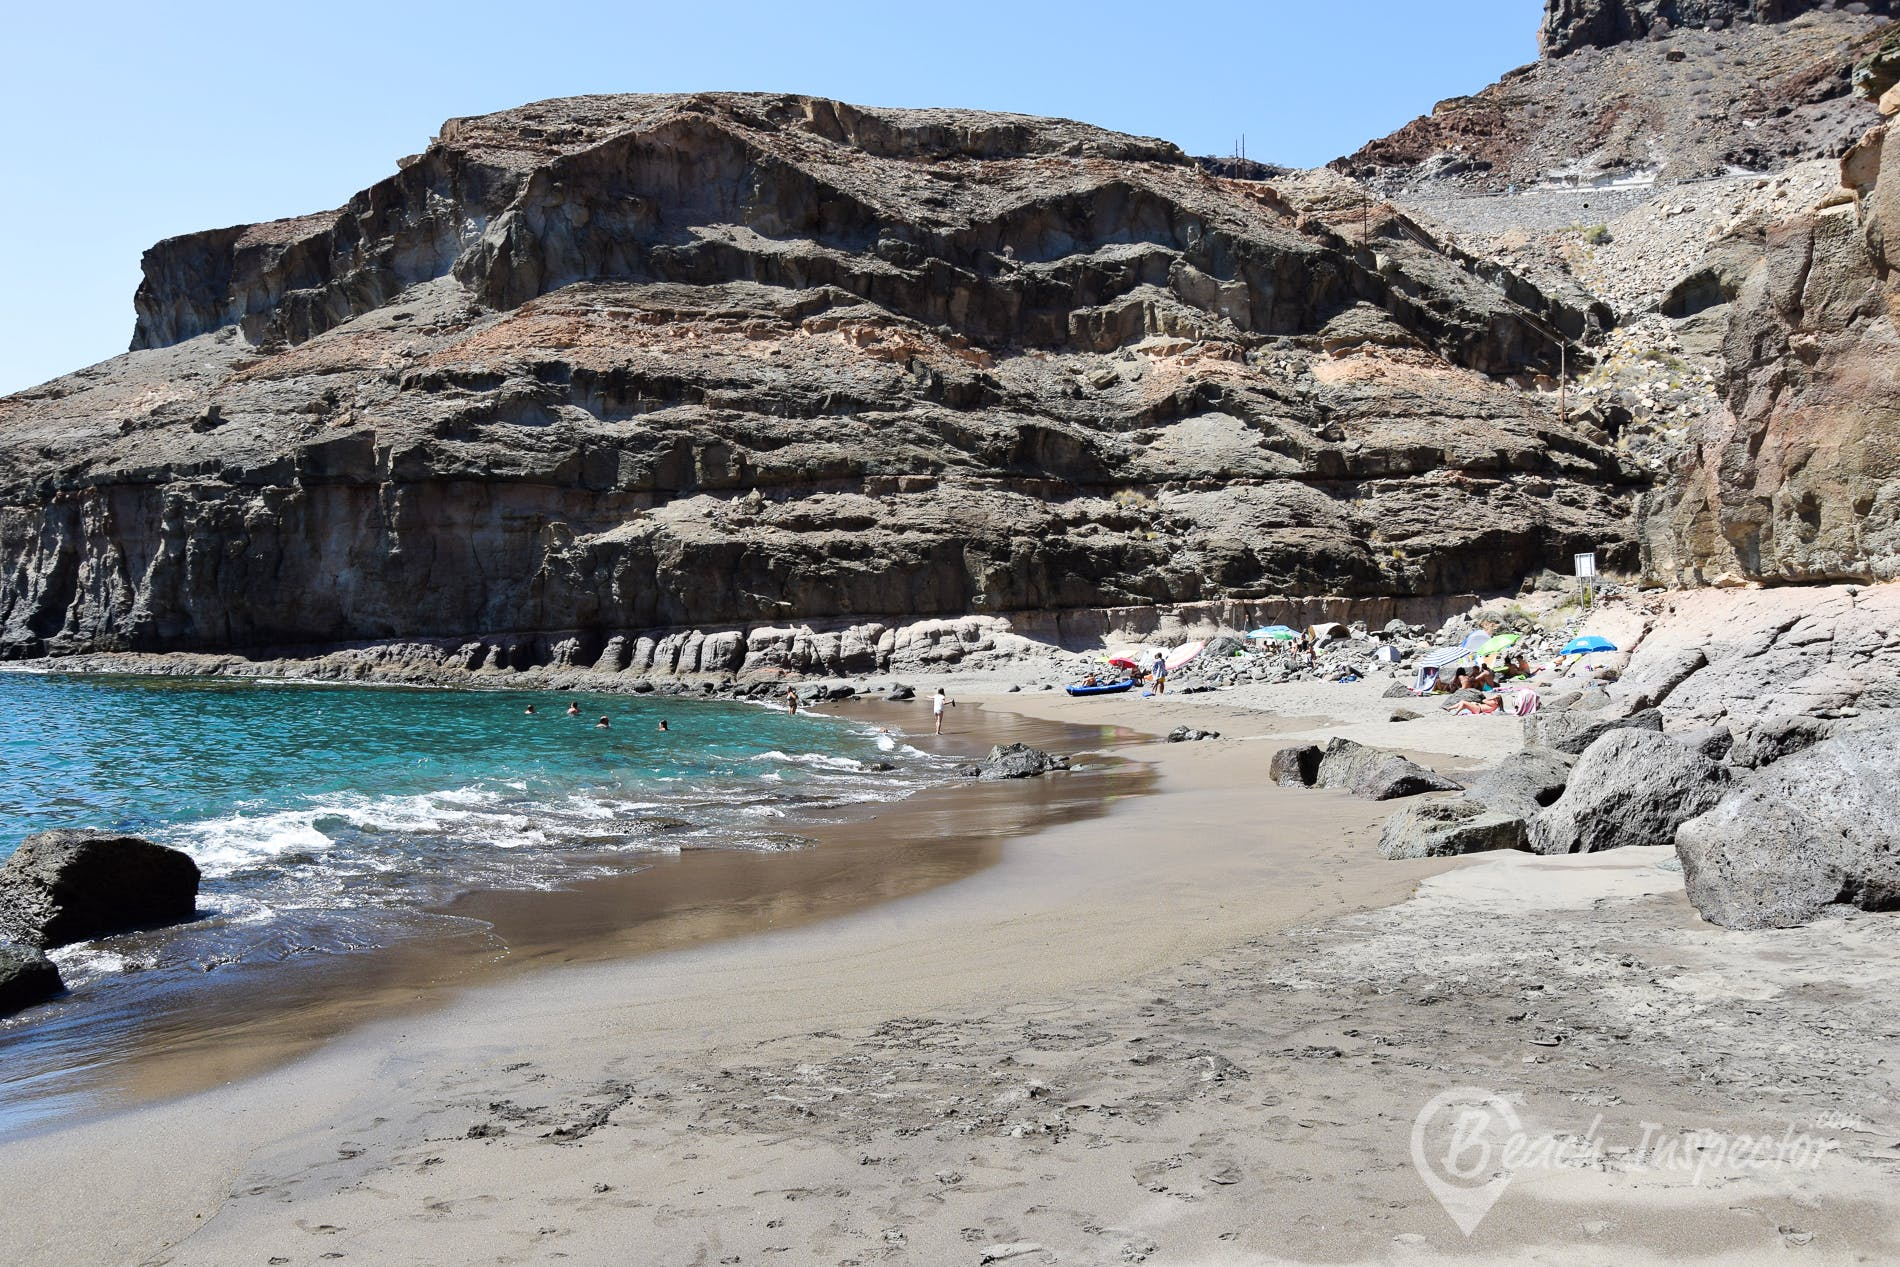 Beach Playa de Tiritaña, Gran Canaria, Spain